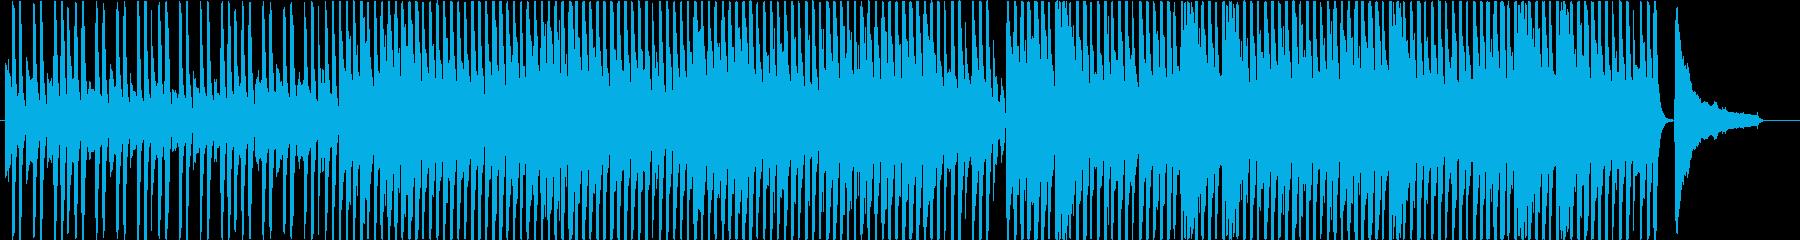 明るくほのぼの可愛いアコースティック♪の再生済みの波形